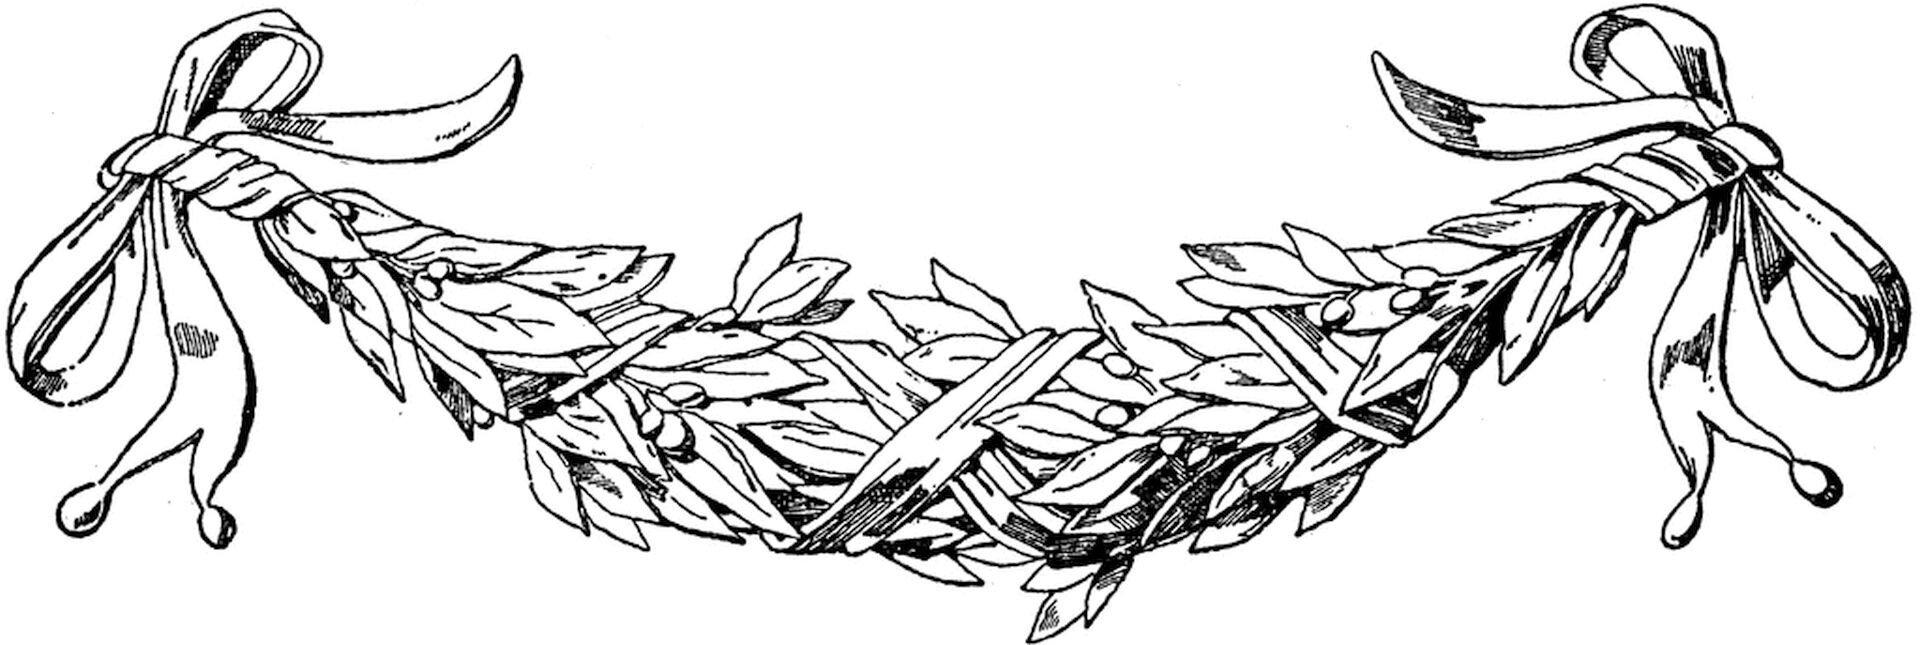 Ilustracja przedstawiająca ornament: feston (girlanda). Element dekoracyjny naszkicowany jest czarnym kolorem bez wypełenień.